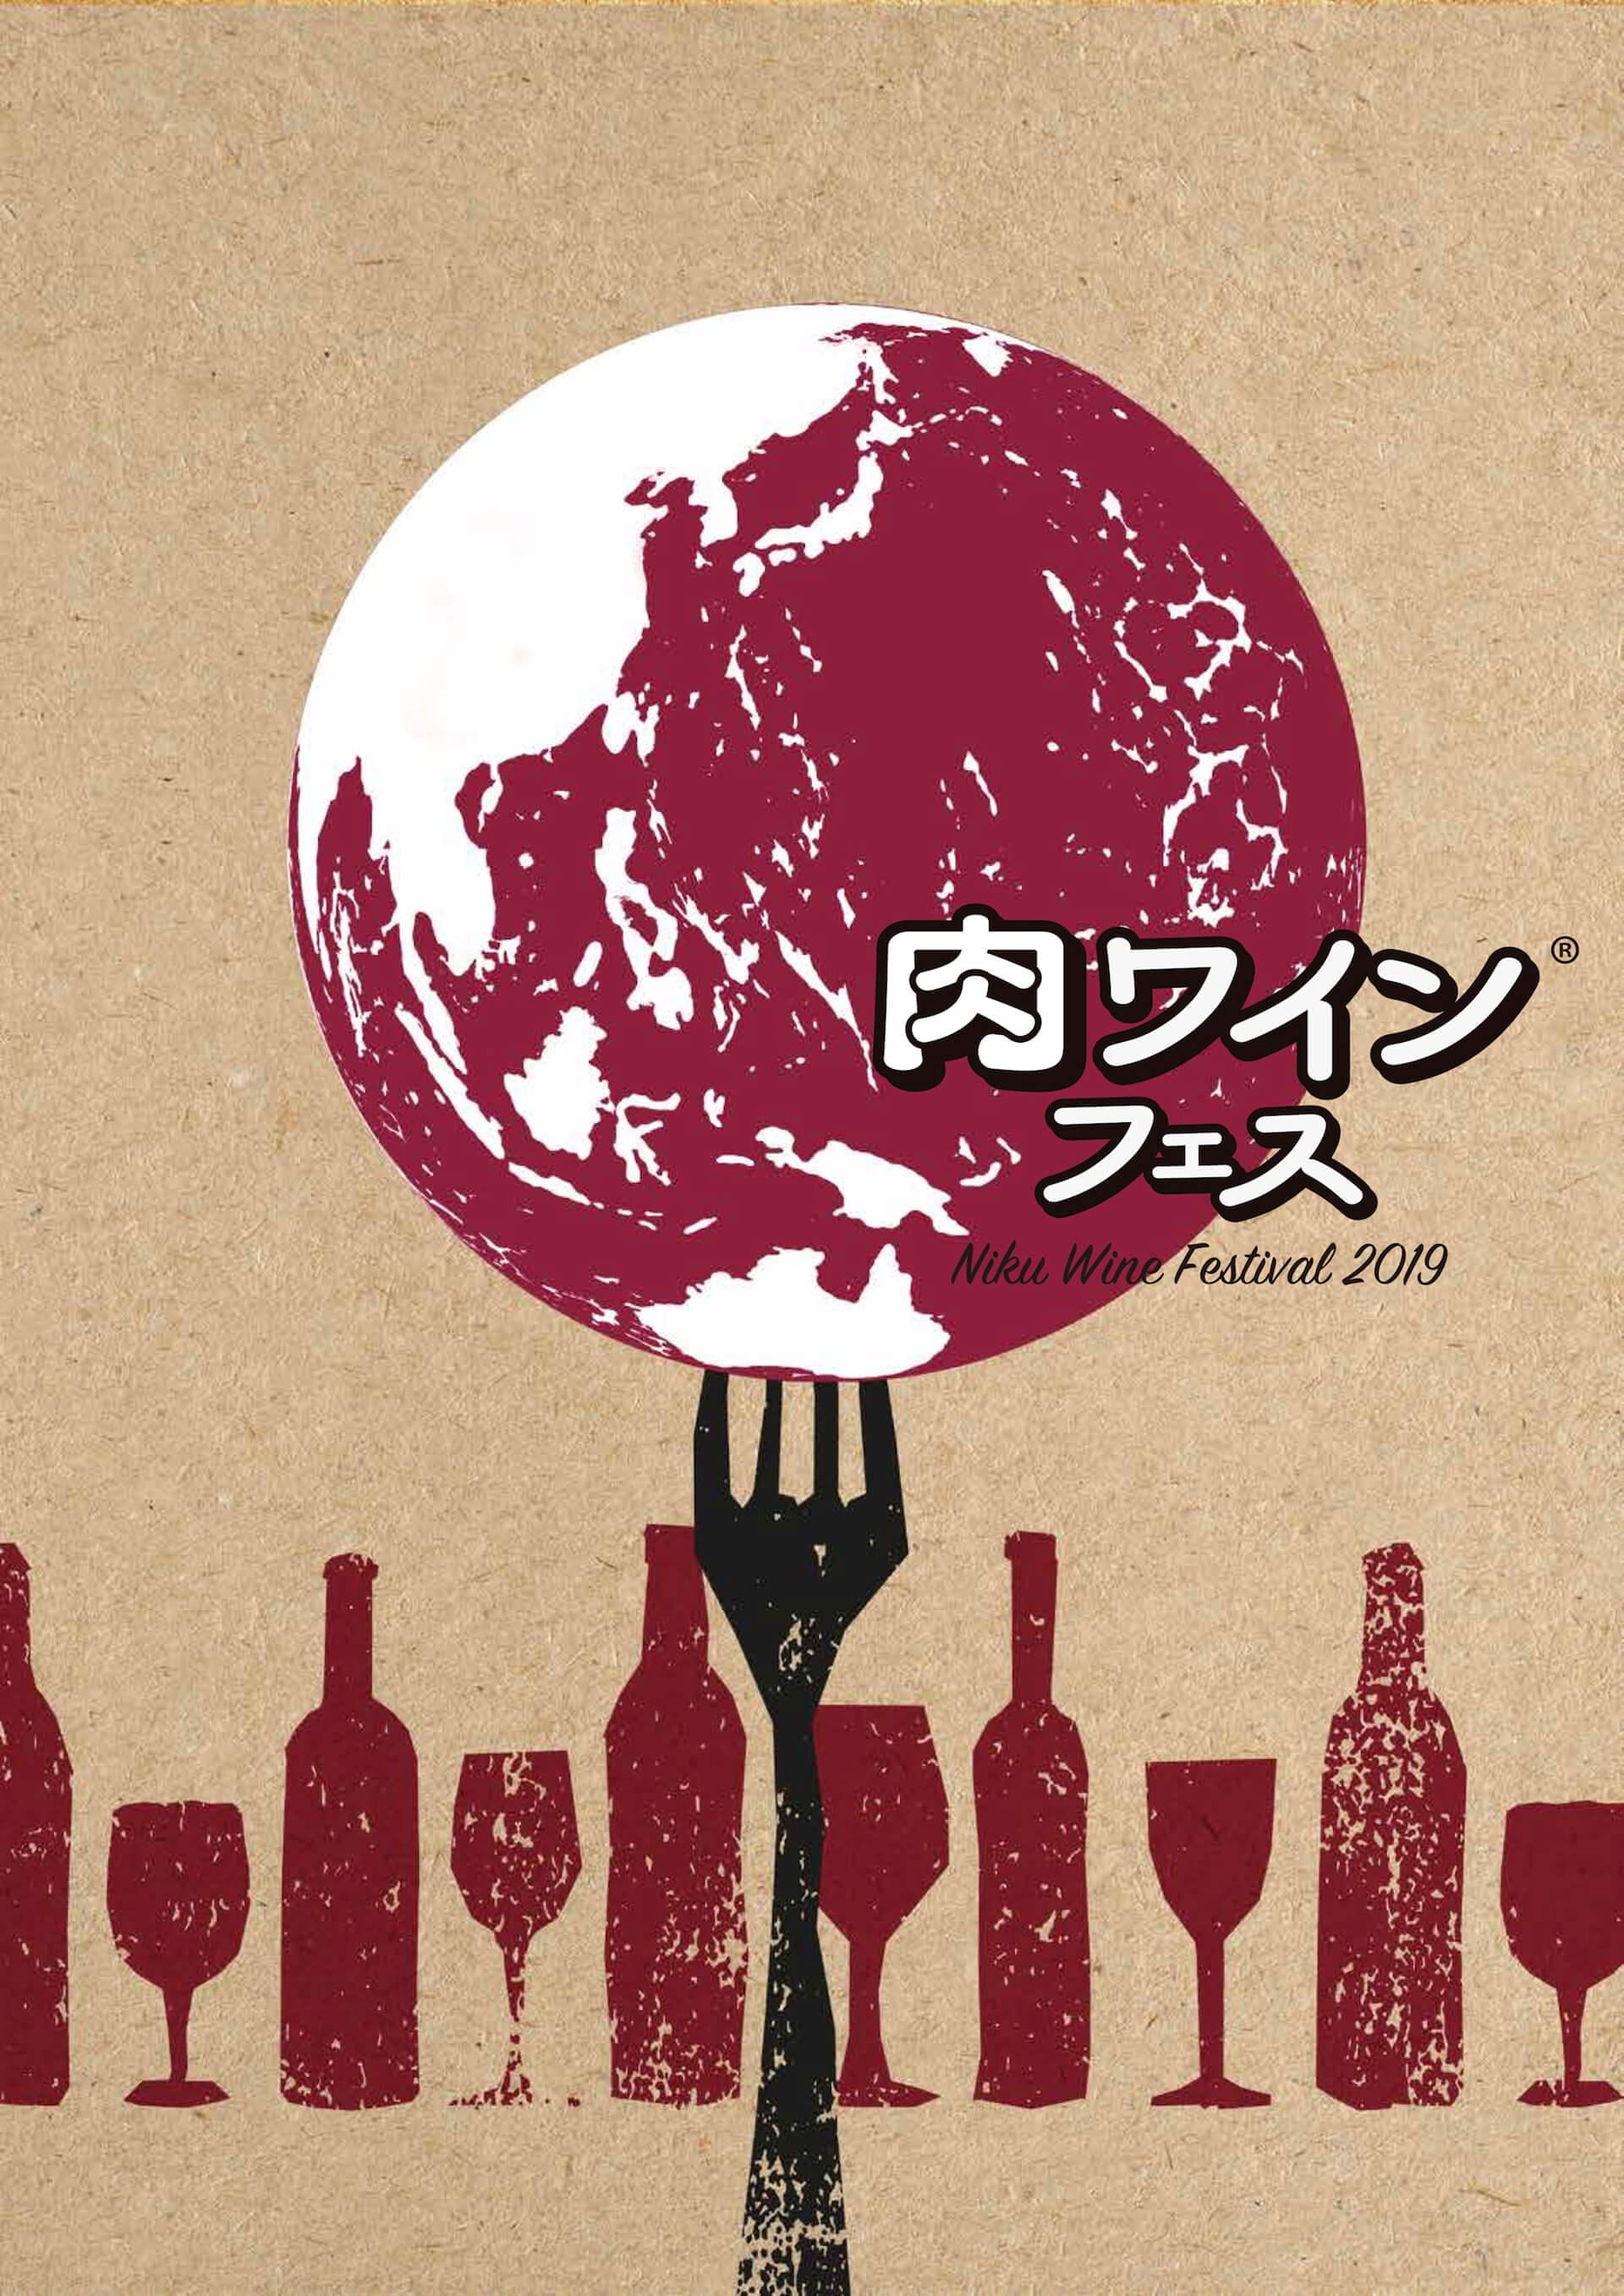 肉ワインフェスのメインビジュアル